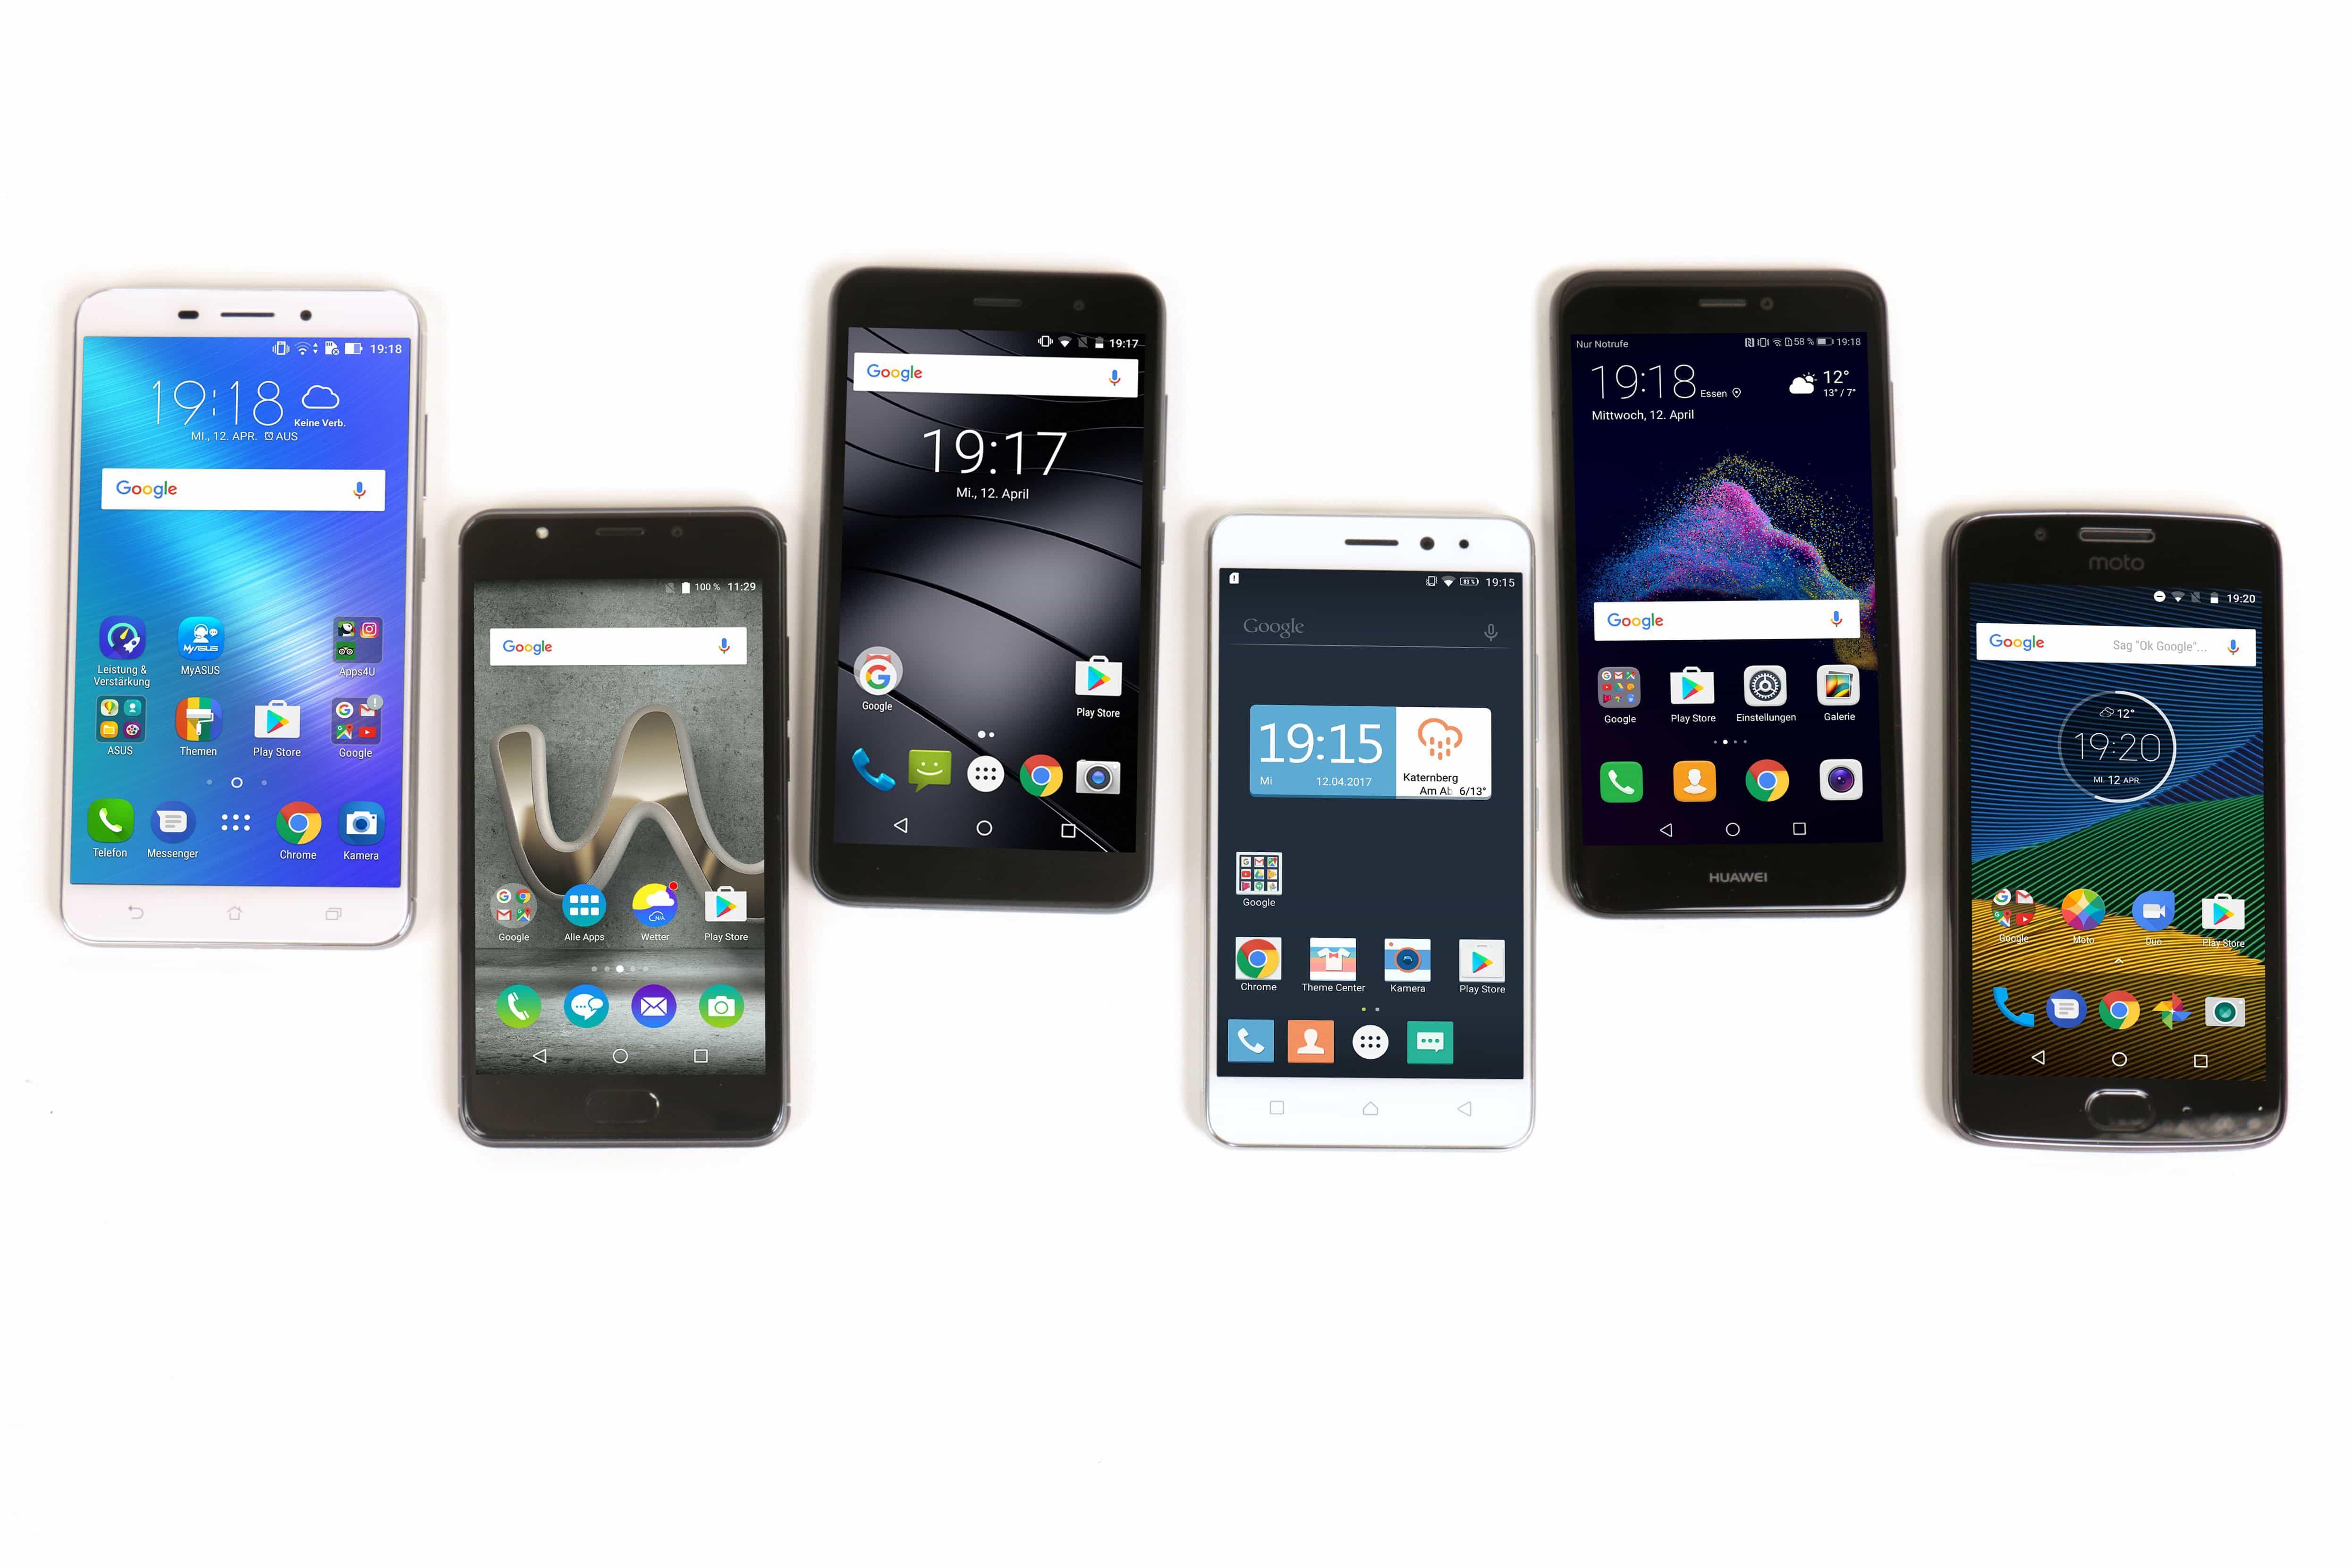 Das Beste Gunstige Smartphone Smartphone Gunstige Handys Und Neue Handys